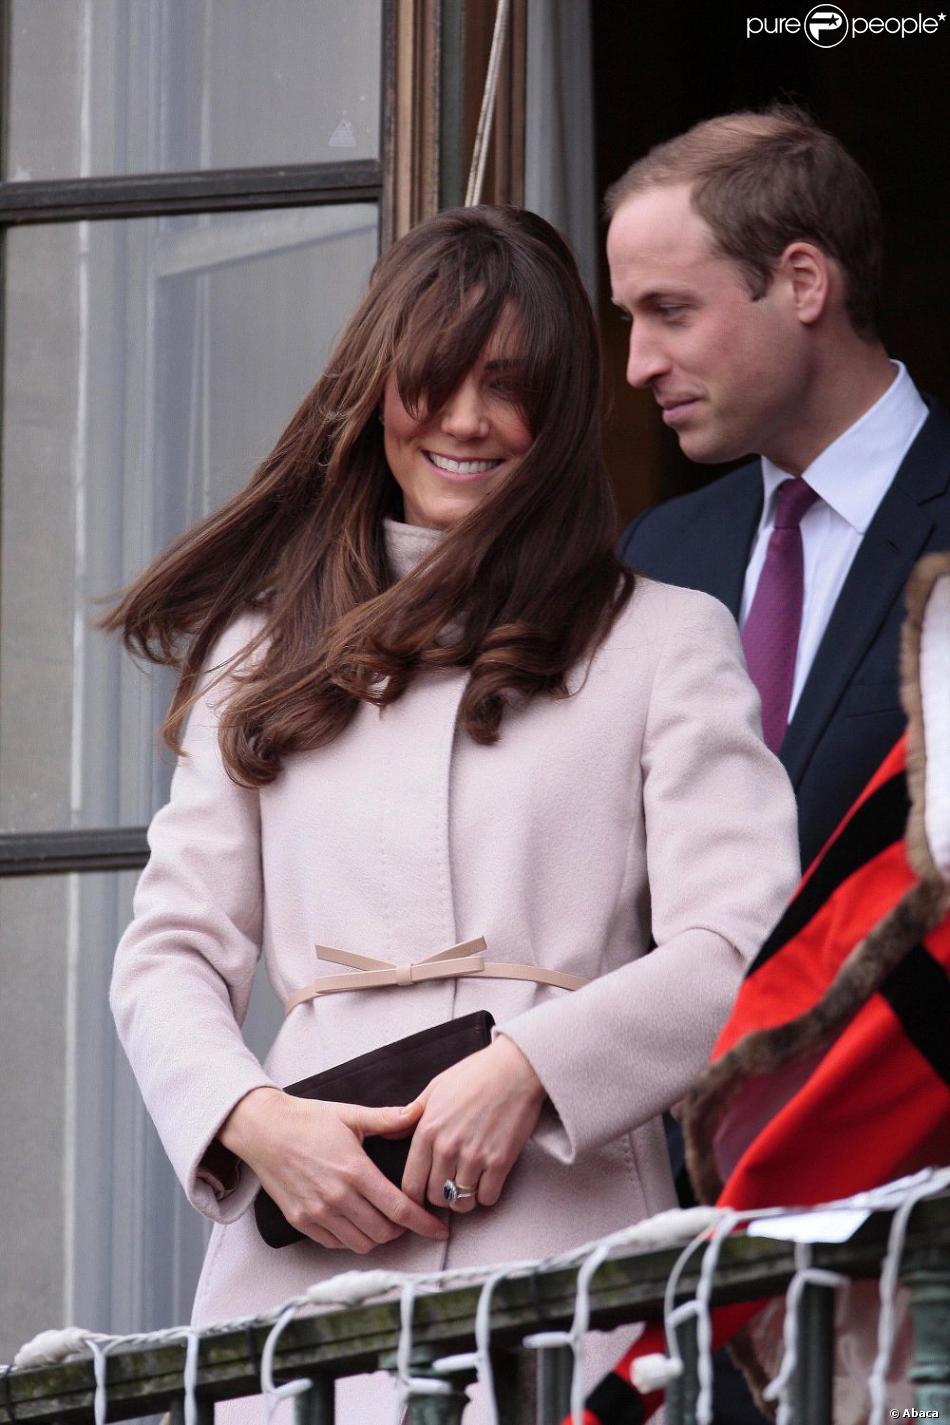 Le prince William et son épouse Kate Middleton, duc et duchesse de Cambridge, étaient en visite à Cambridge le 28 novembre 2012, pour la première fois depuis que le duché leur a été octroyé par la reine Elizabeth II à l'occasion de leur mariage le 29 avril 2011.